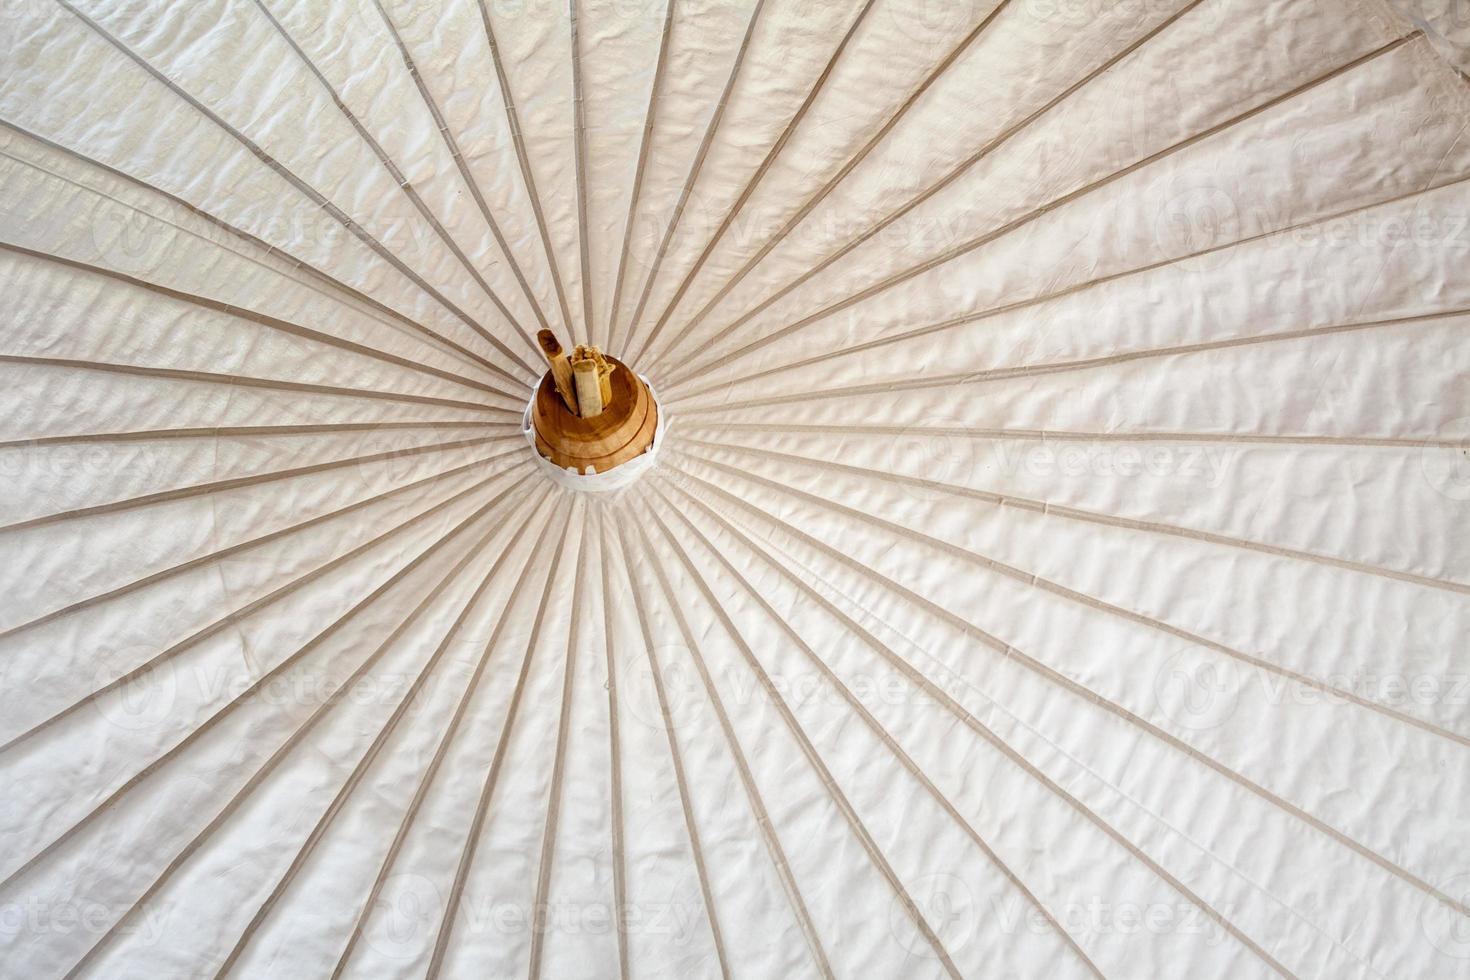 paraply av papper / tygkonst och hantverk foto